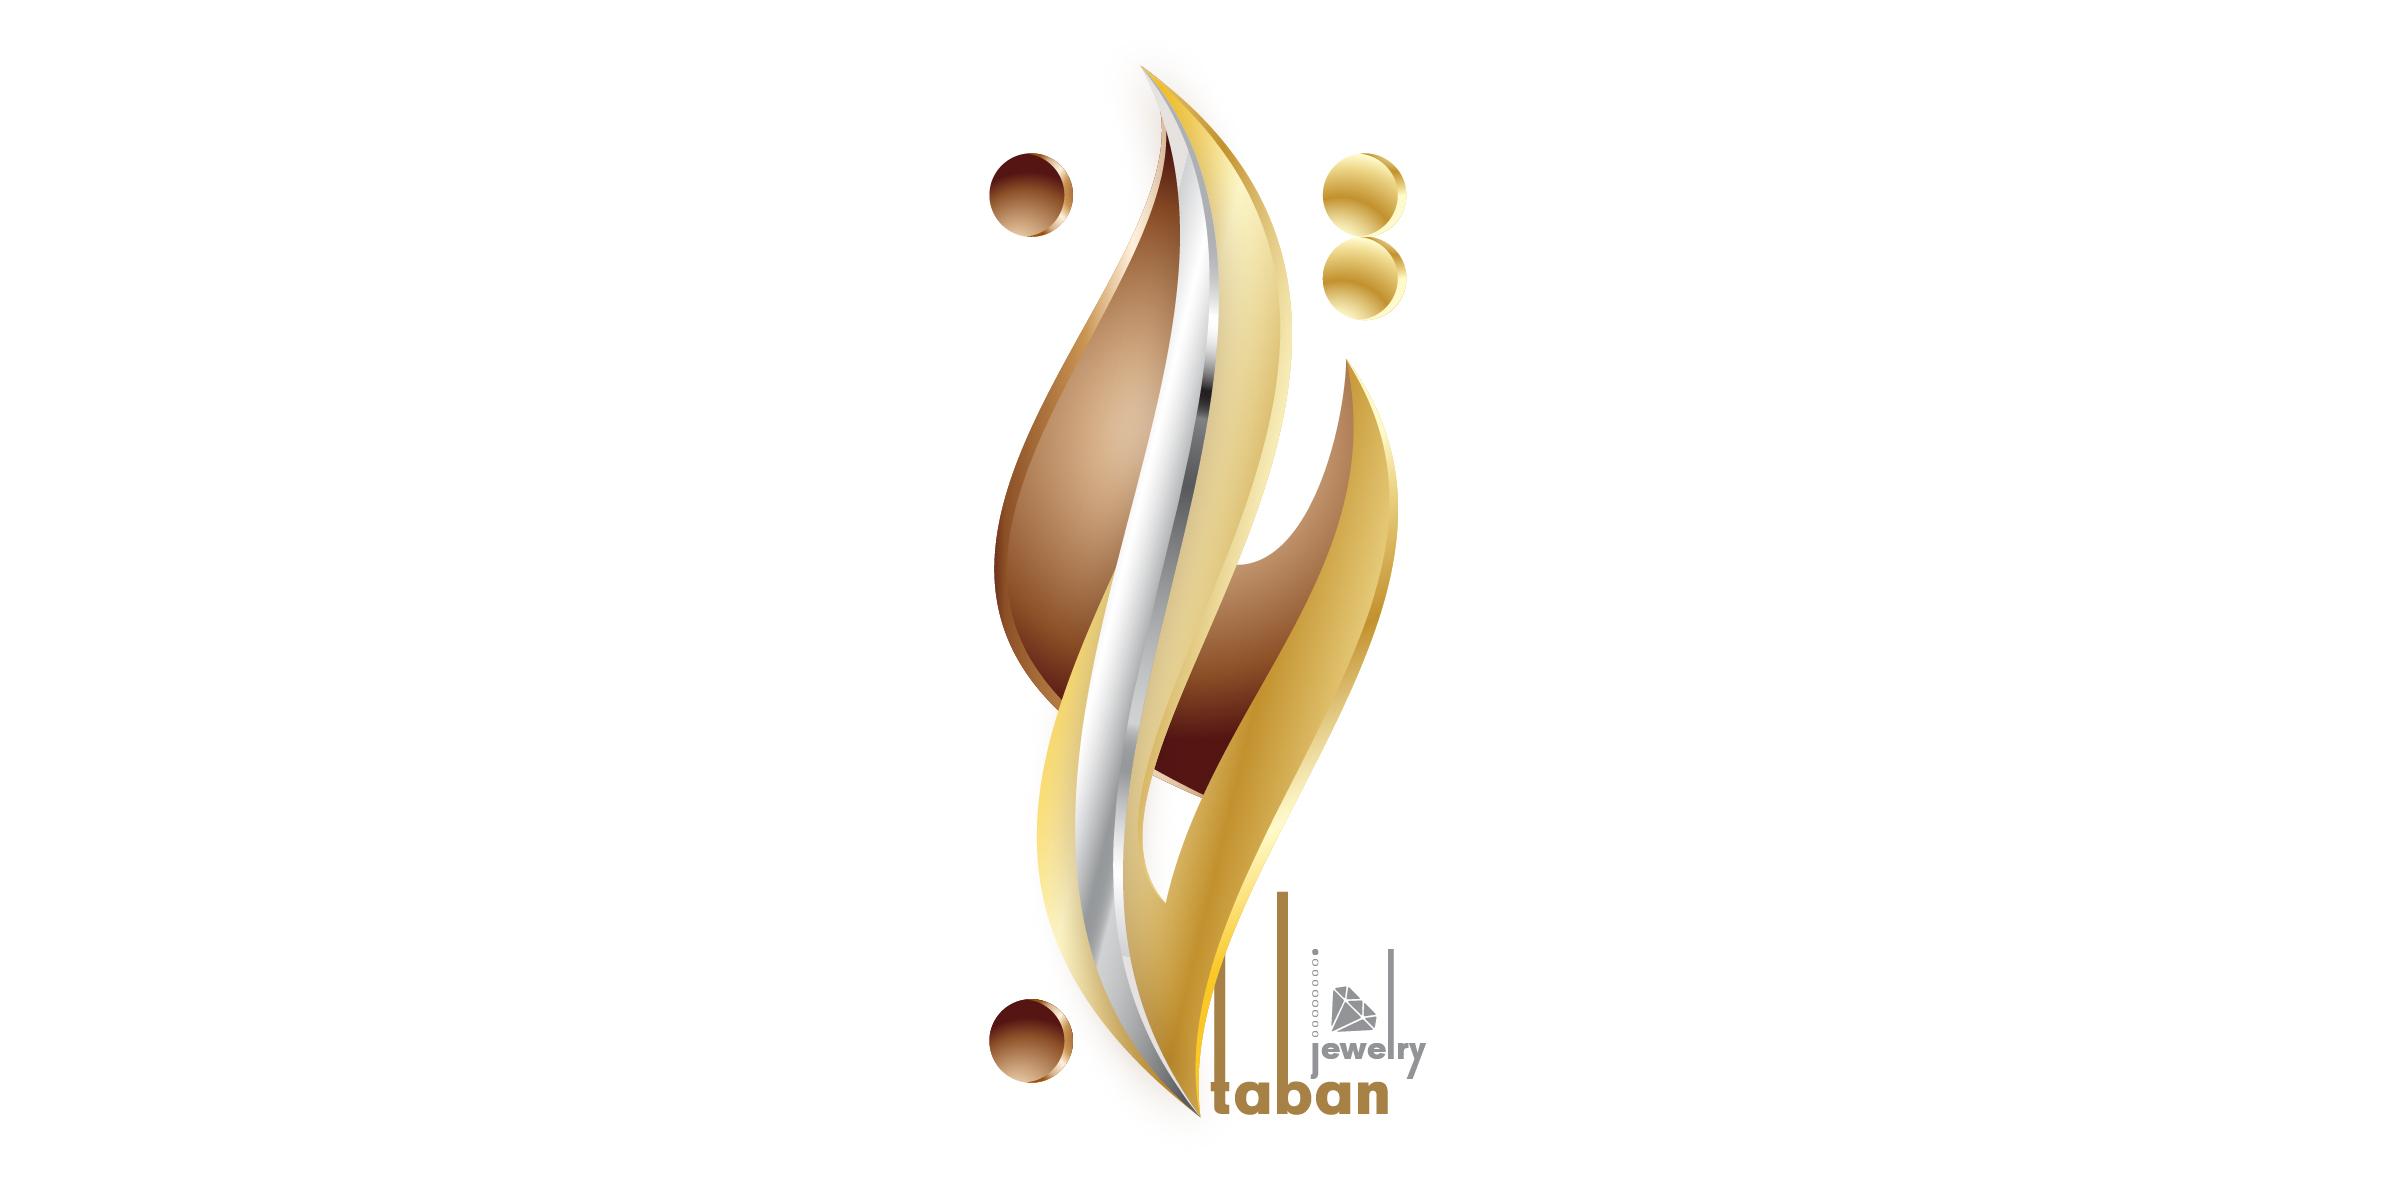 Taban Jwelery